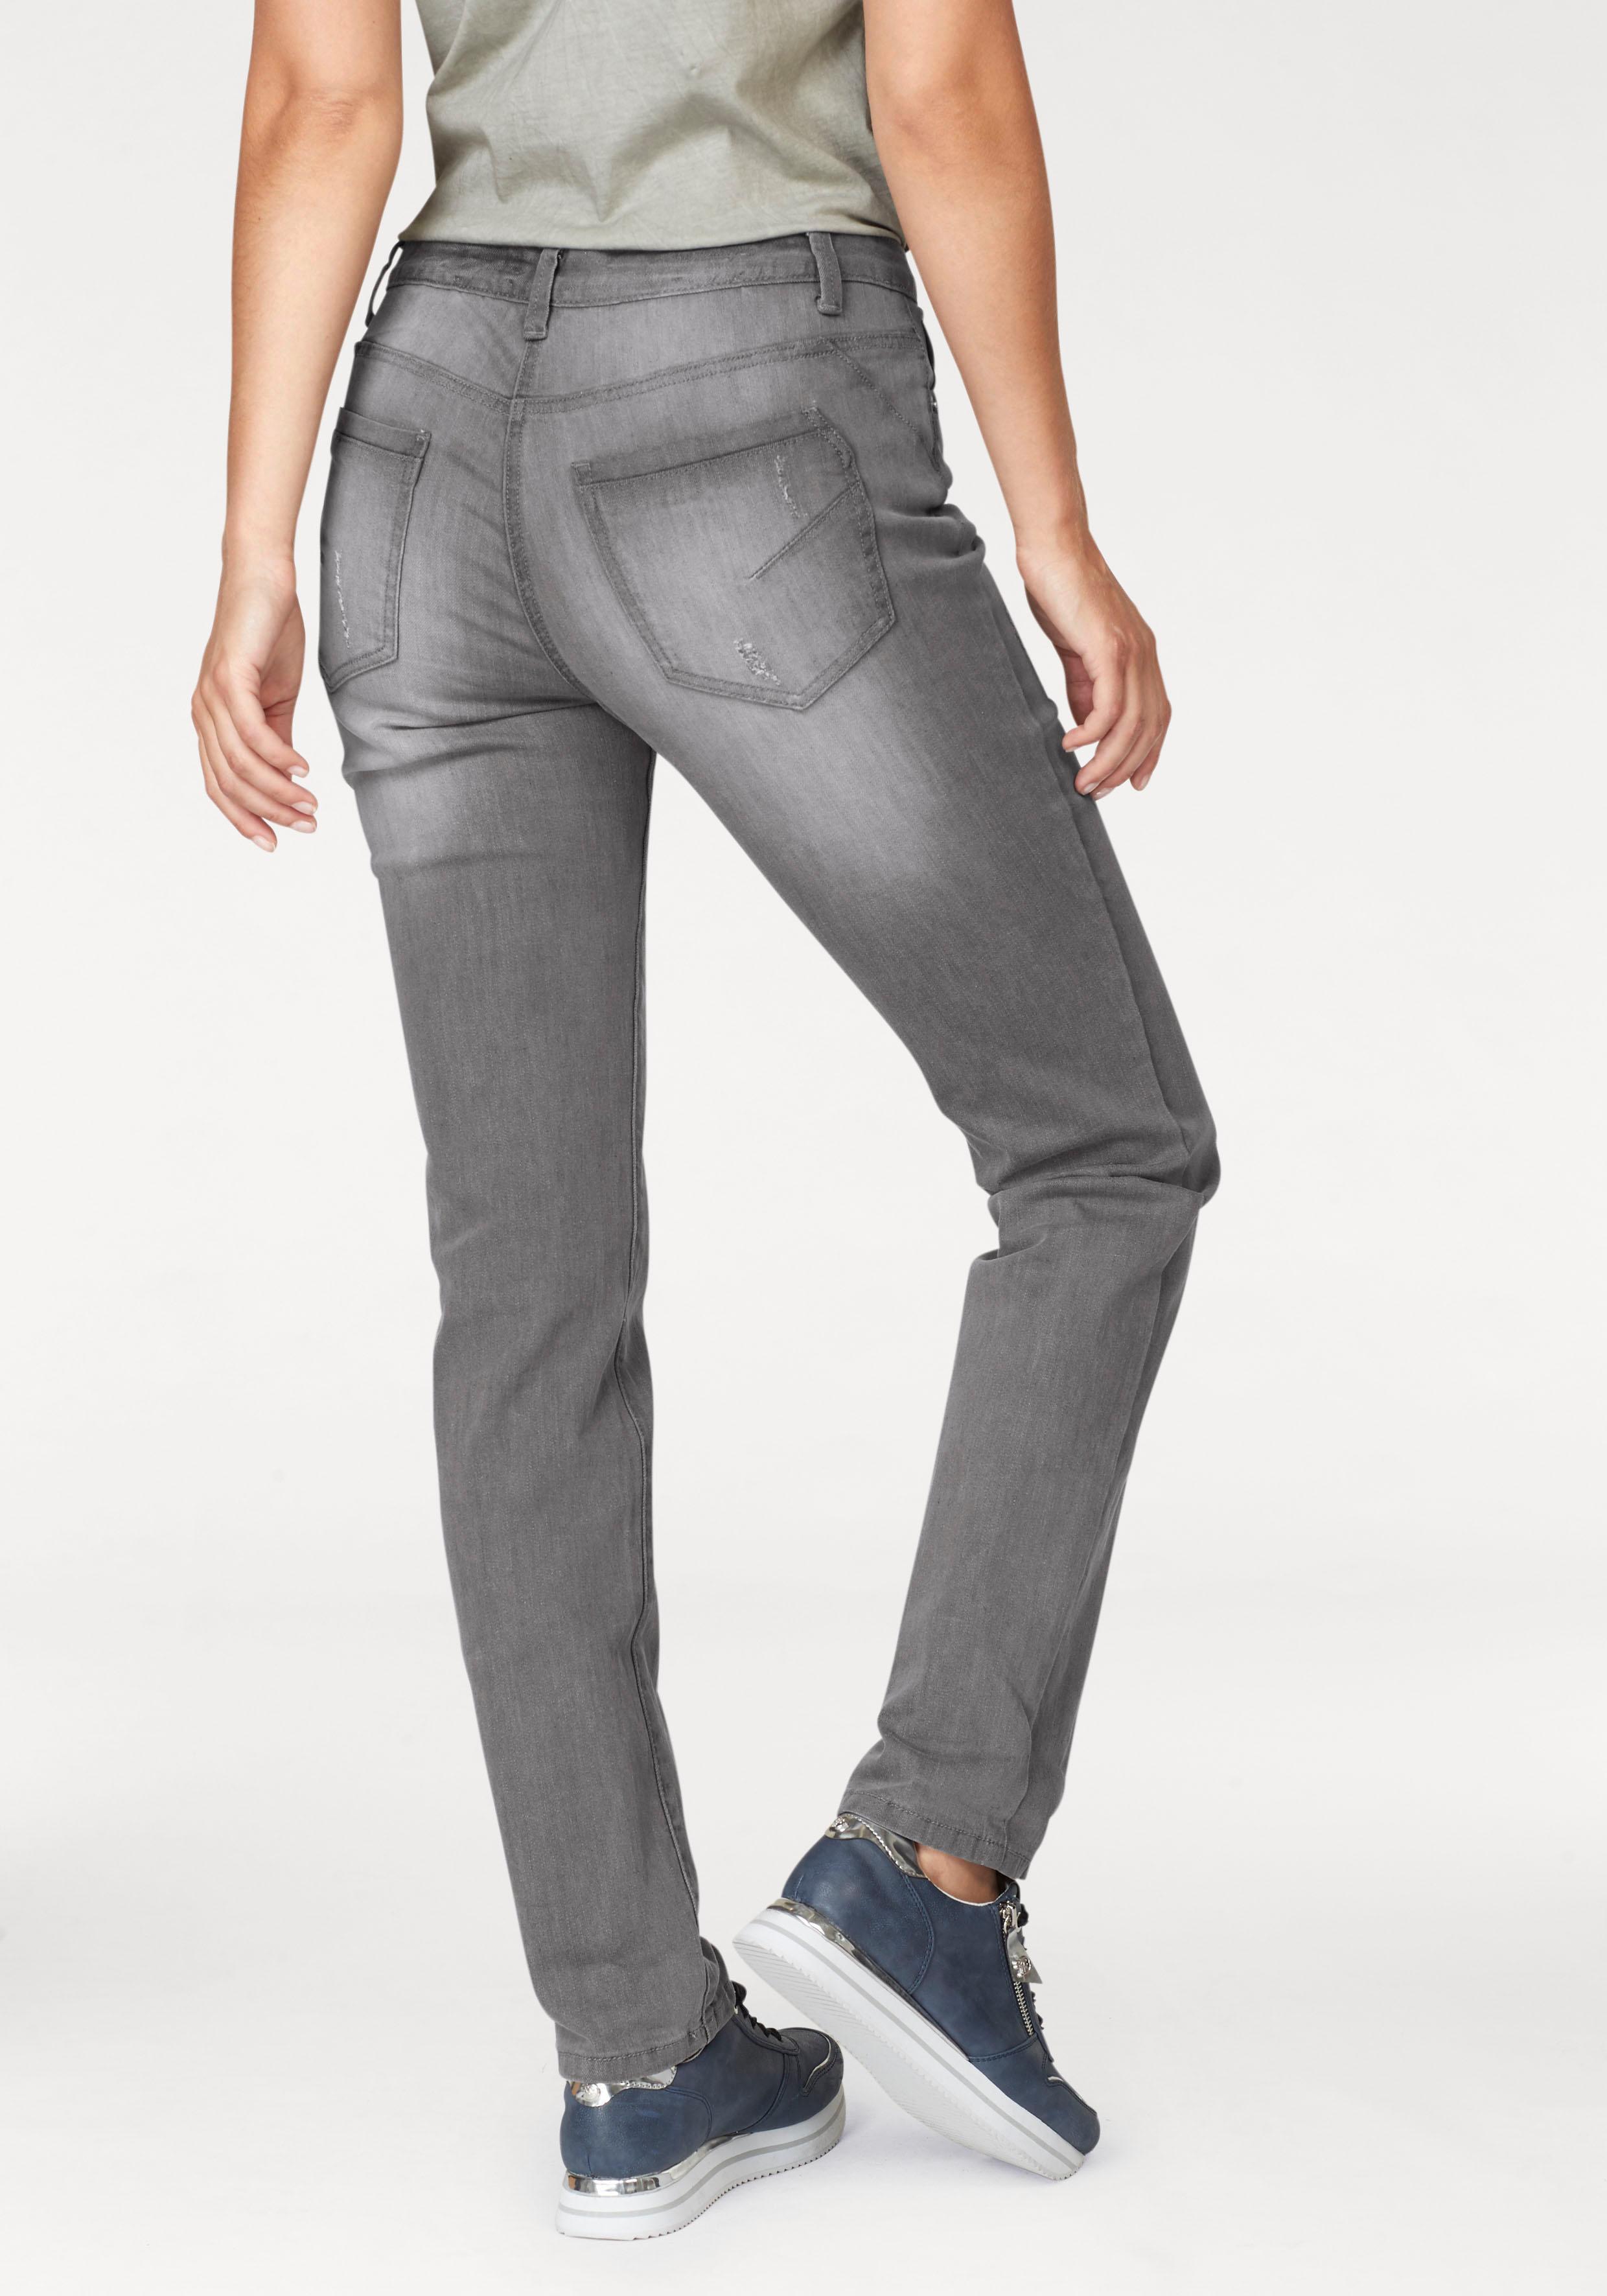 Image of Aniston by BAUR Boyfriend-Jeans, mit Knopfverschluss